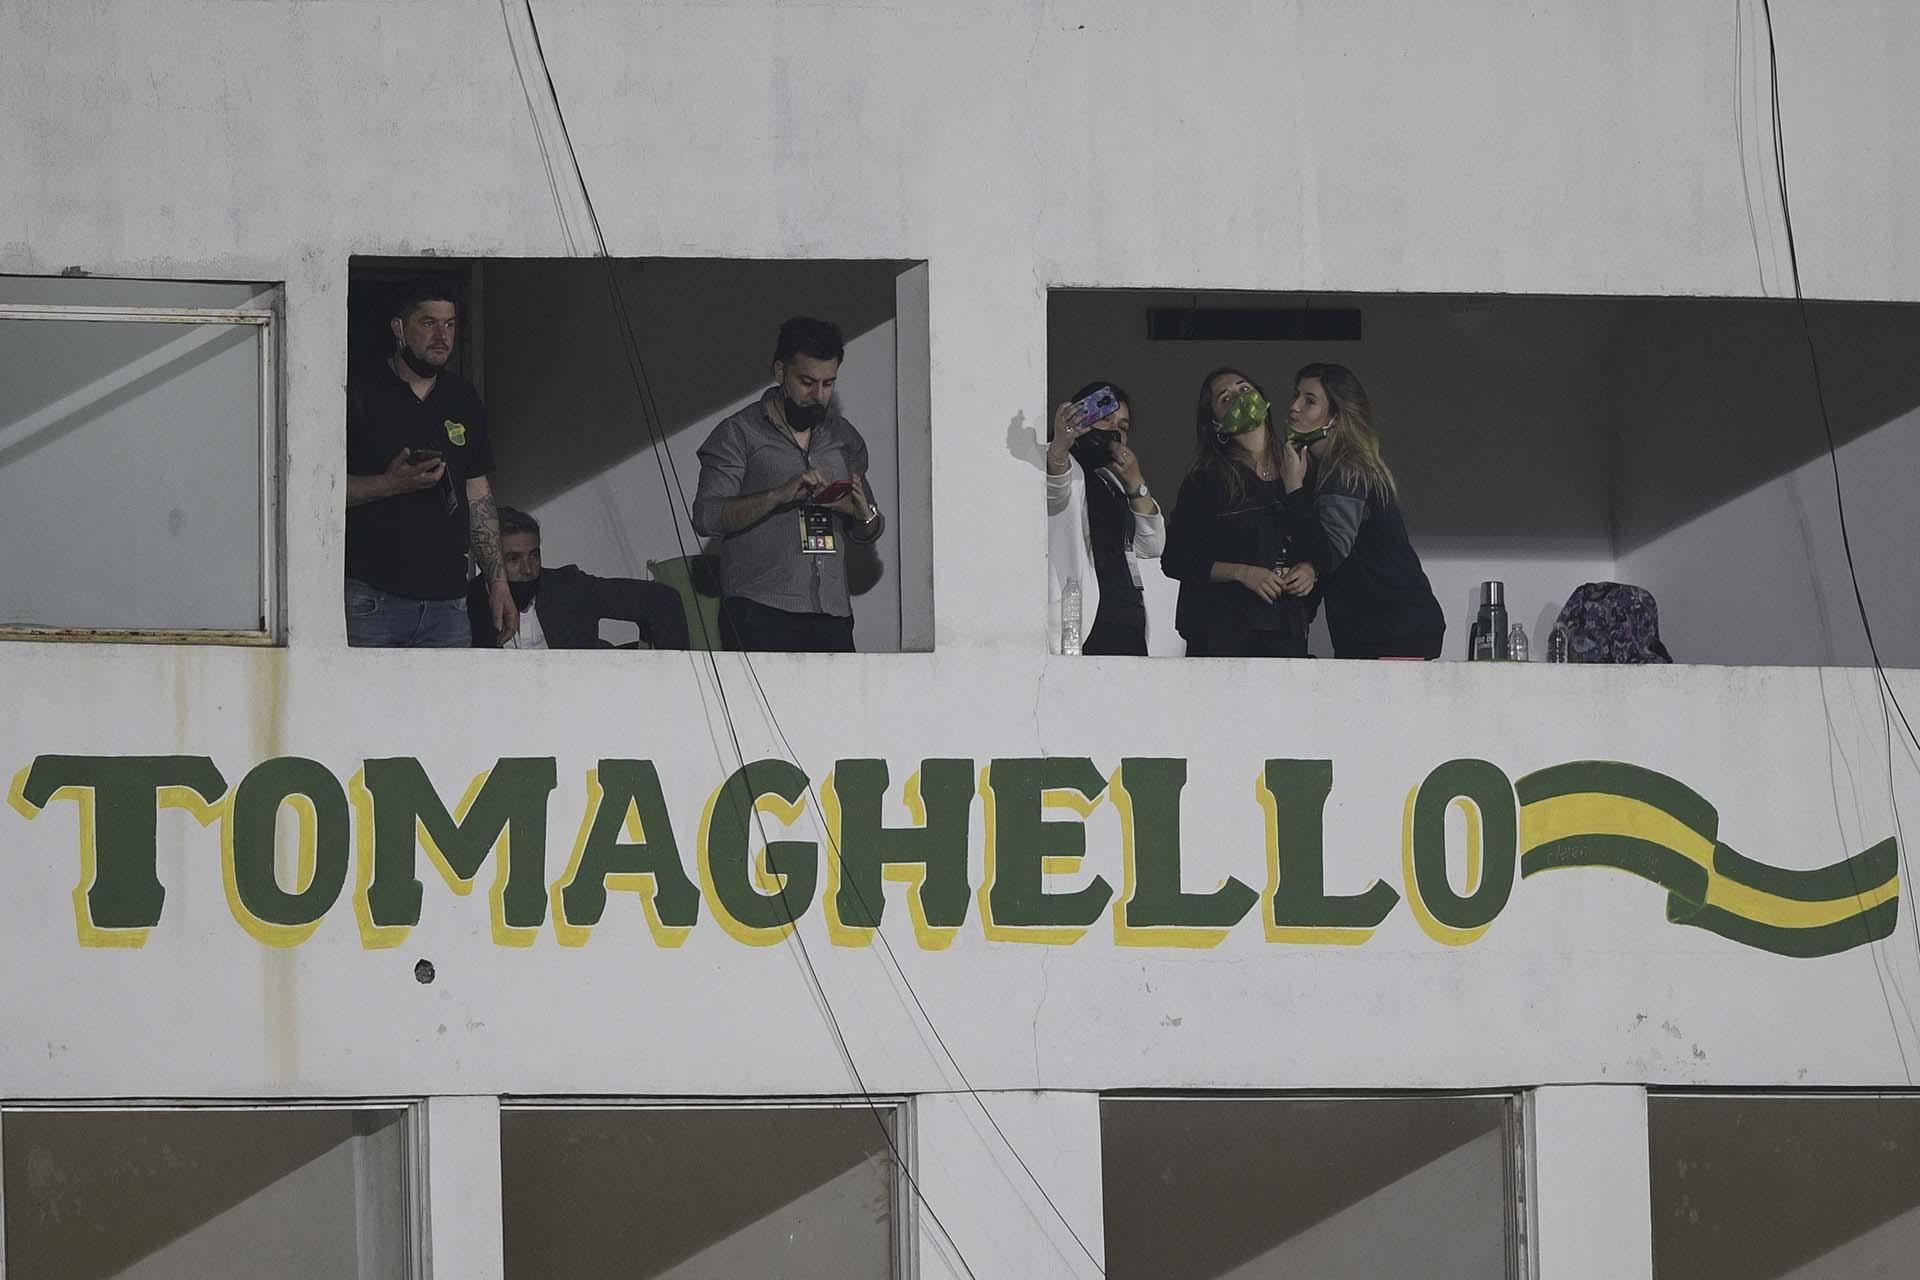 Los palcos en el Norberto Tito Tomaghello de Florencio Varela (JUAN MABROMATA / POOL / AFP)